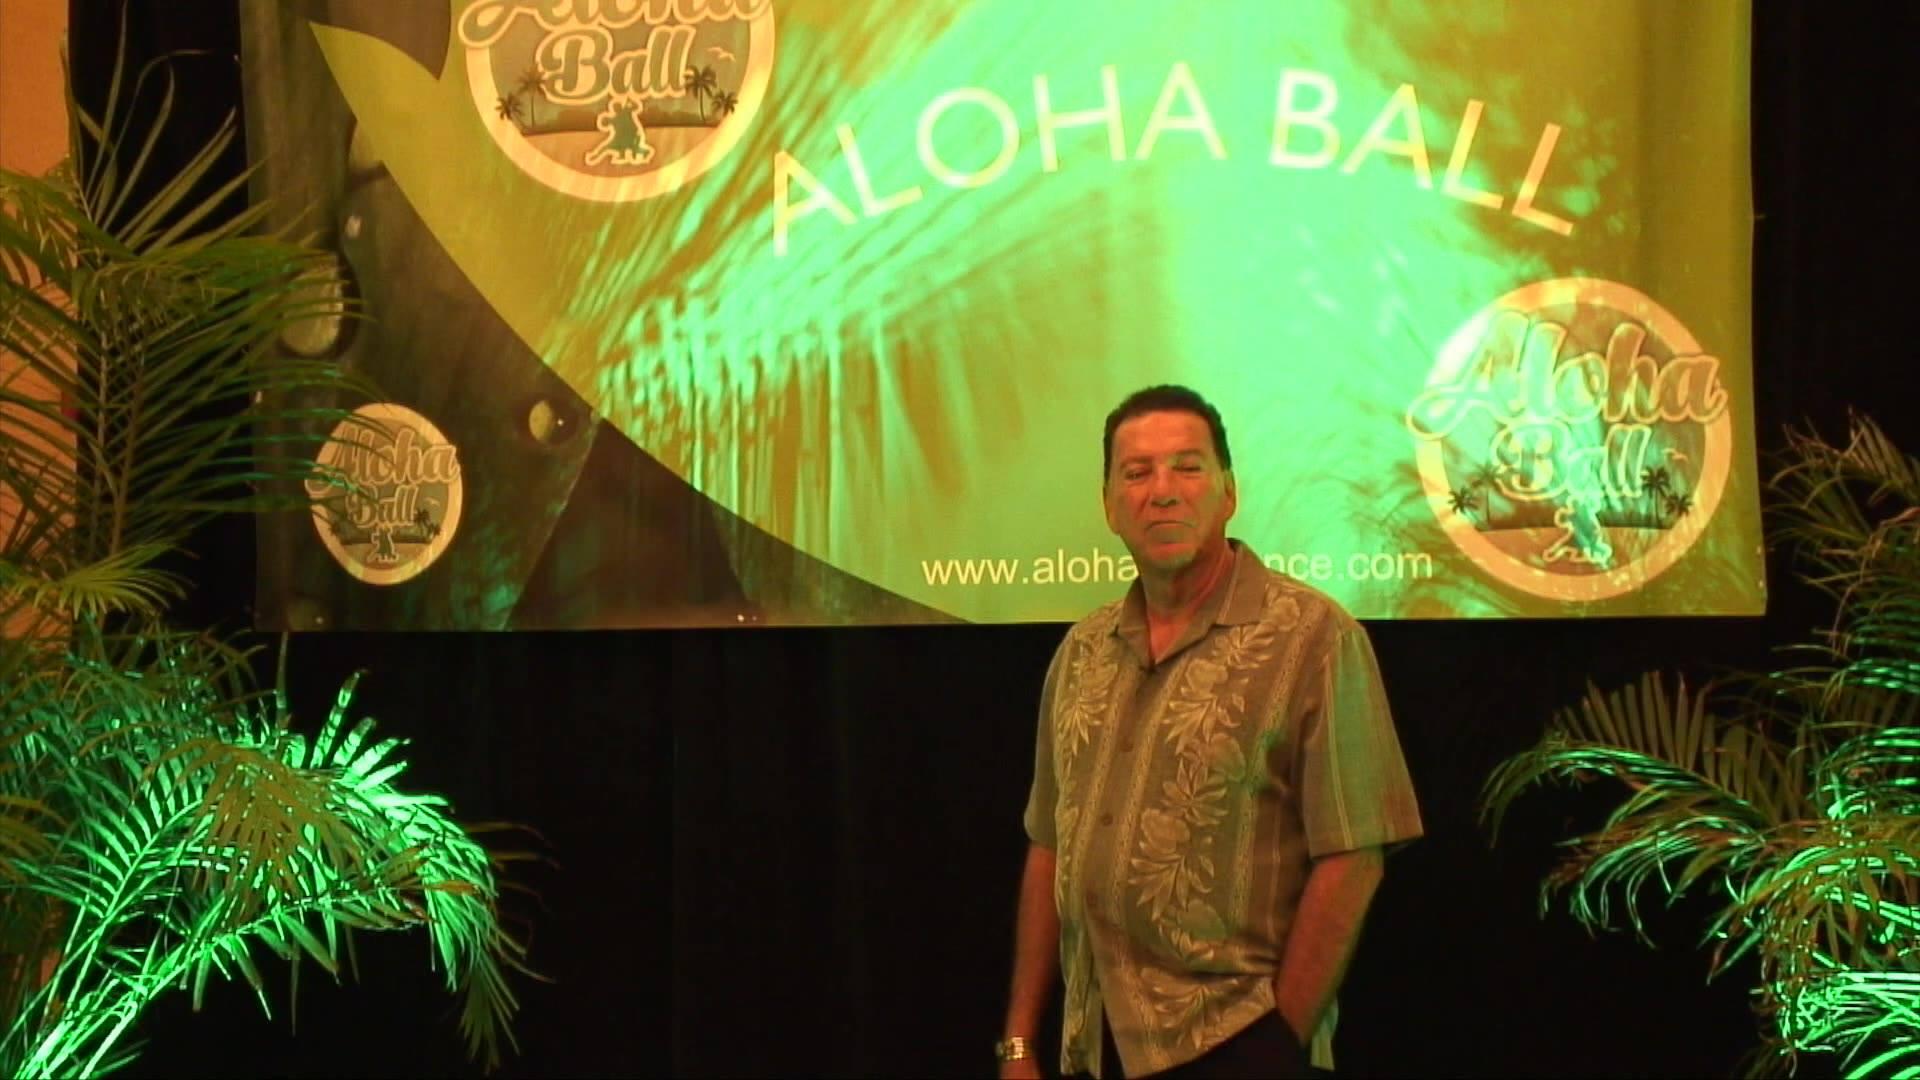 Aloha Ball 2018 - Gala Dinner